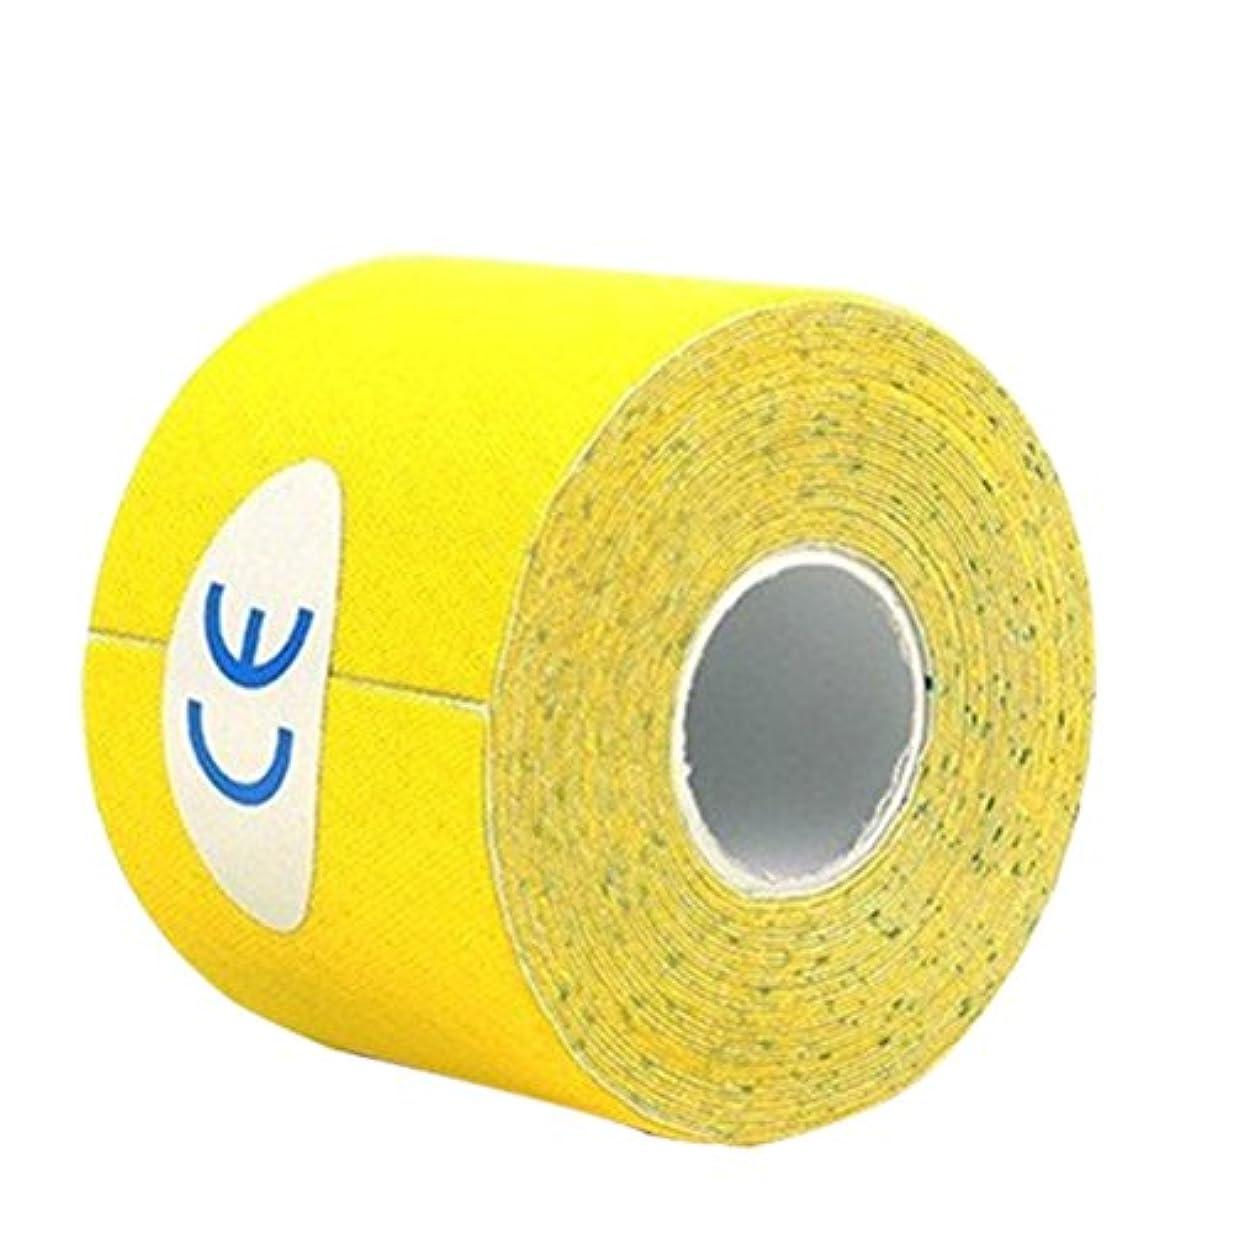 マントル倫理前方へROSENICE キネシオロジーテープセットセラピースポーツフィジオセラピー500x2.5cm(イエロー)